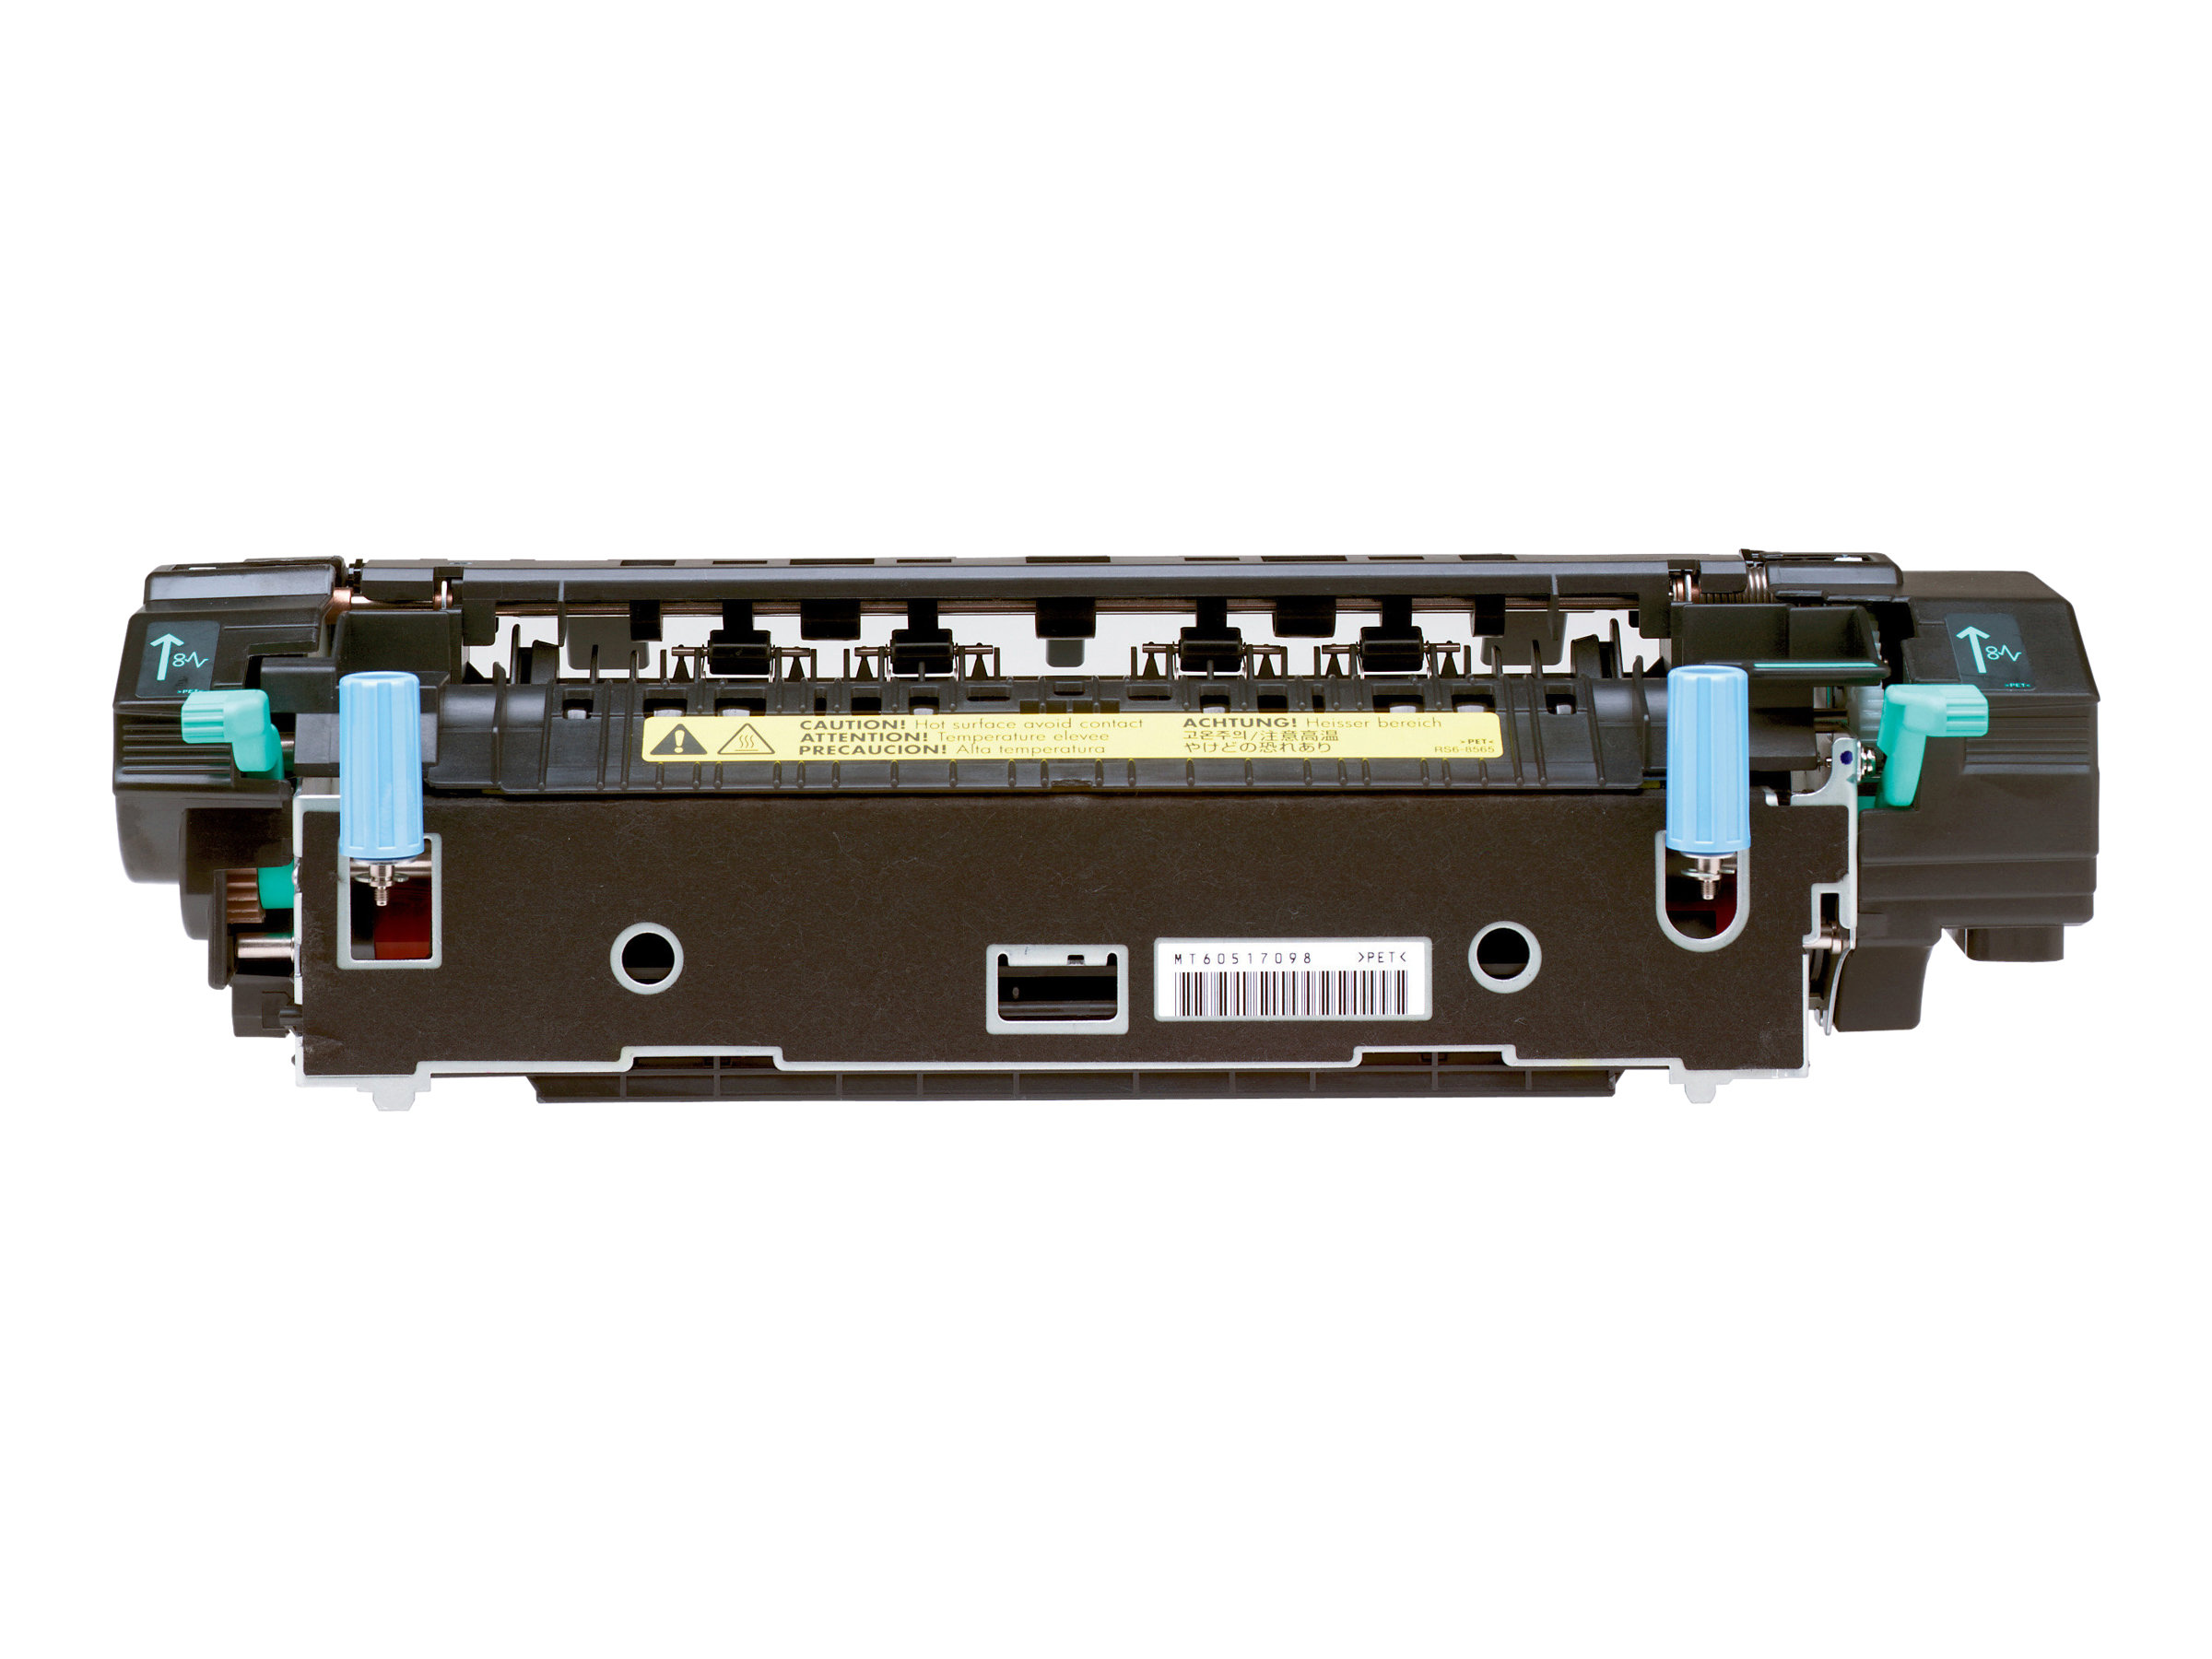 HP - (220 V) - Kit für Fixiereinheit - für Color LaserJet 4600, 4600dn, 4600dtn, 4600hdn, 4600n